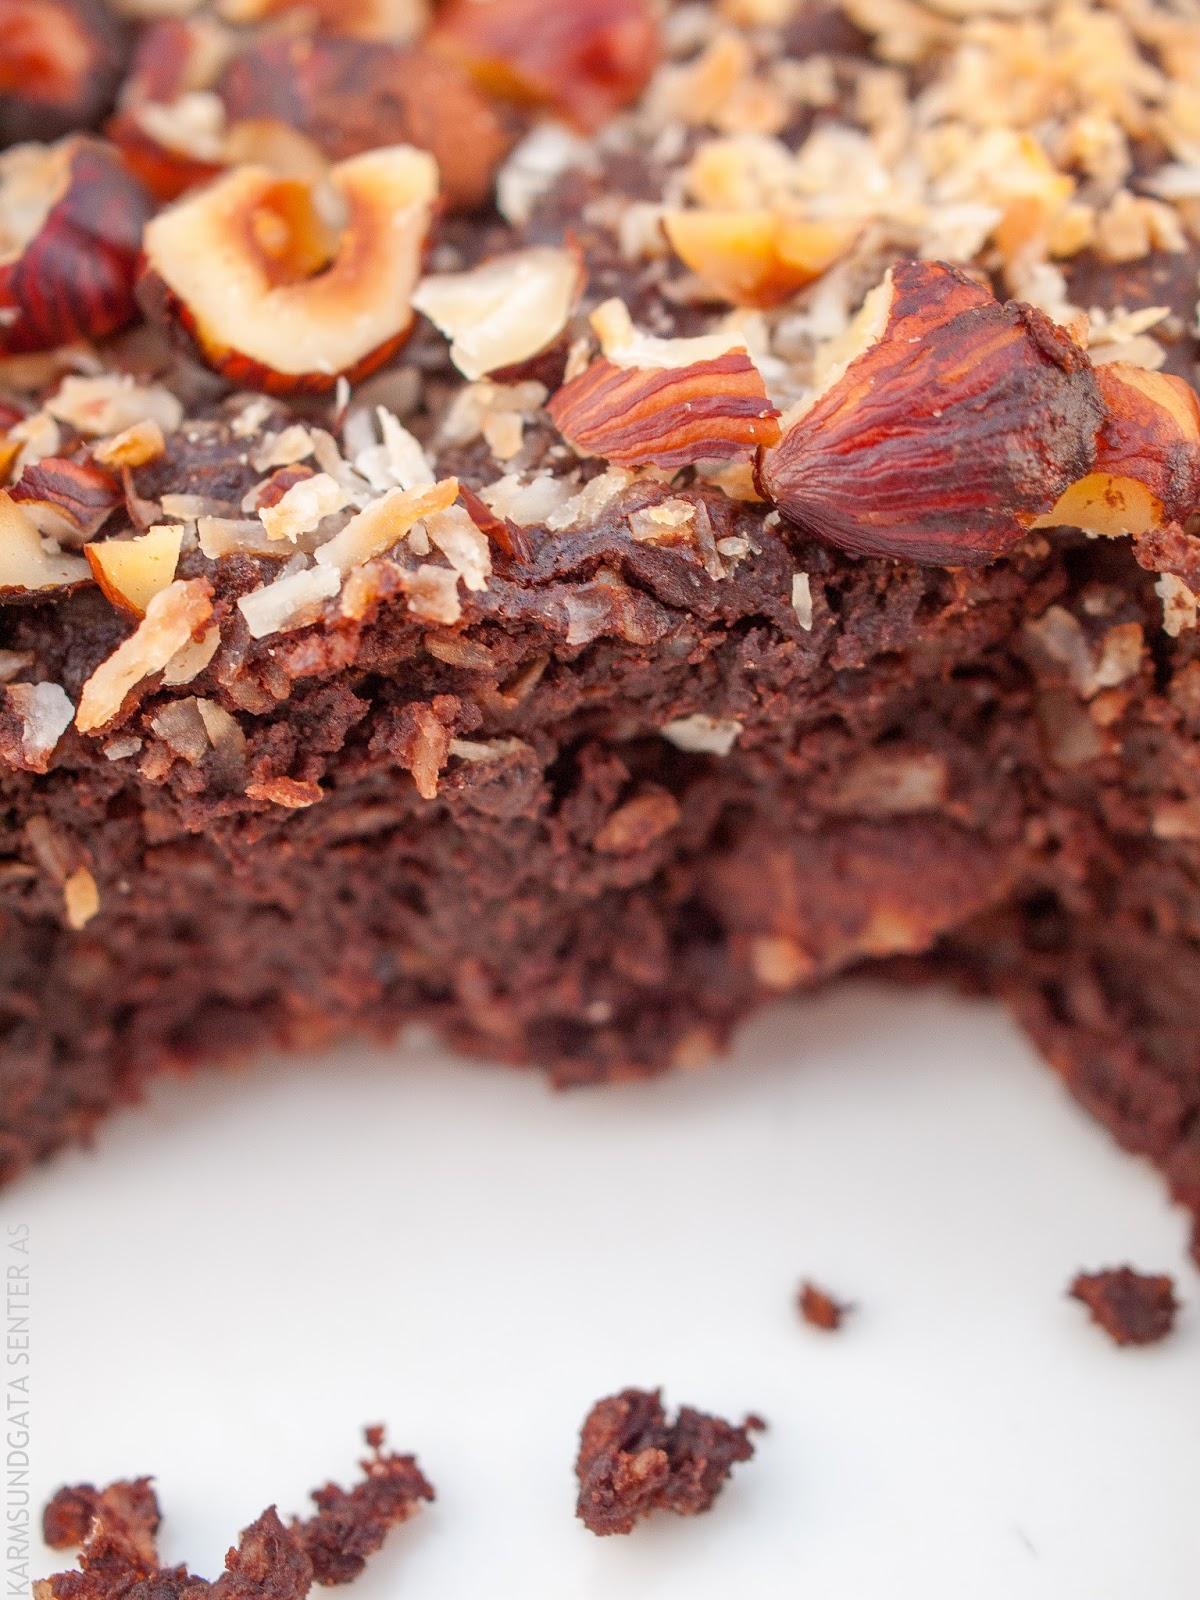 Sunn glutenfri brownie uten mel og sukker oppskrift